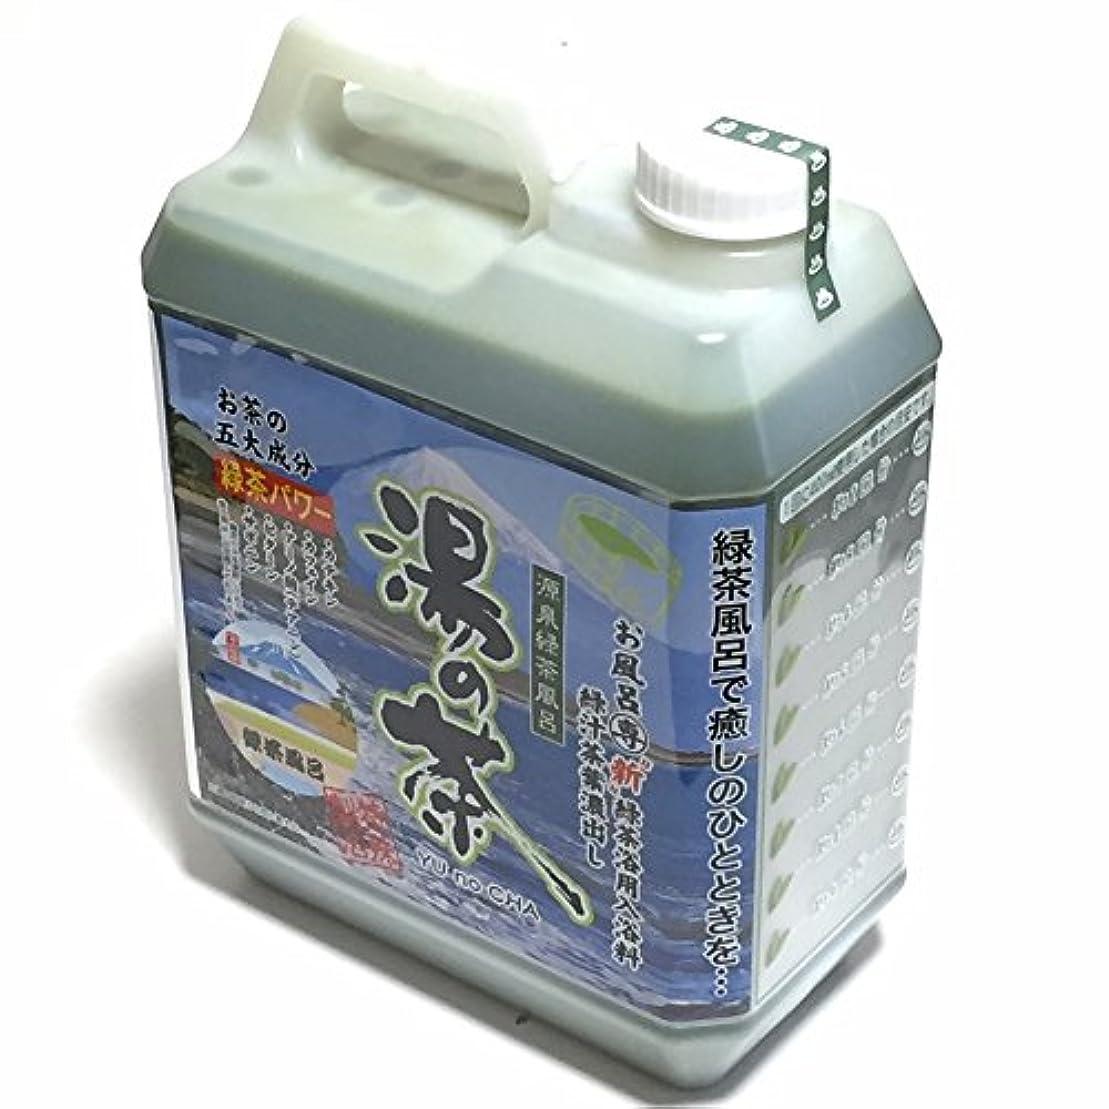 リーク真っ逆さま同級生緑茶のお風呂に入ろう??静岡茶葉100% 高濃度カテキン 緑茶入浴化粧品 湯の茶 大容量4リットル